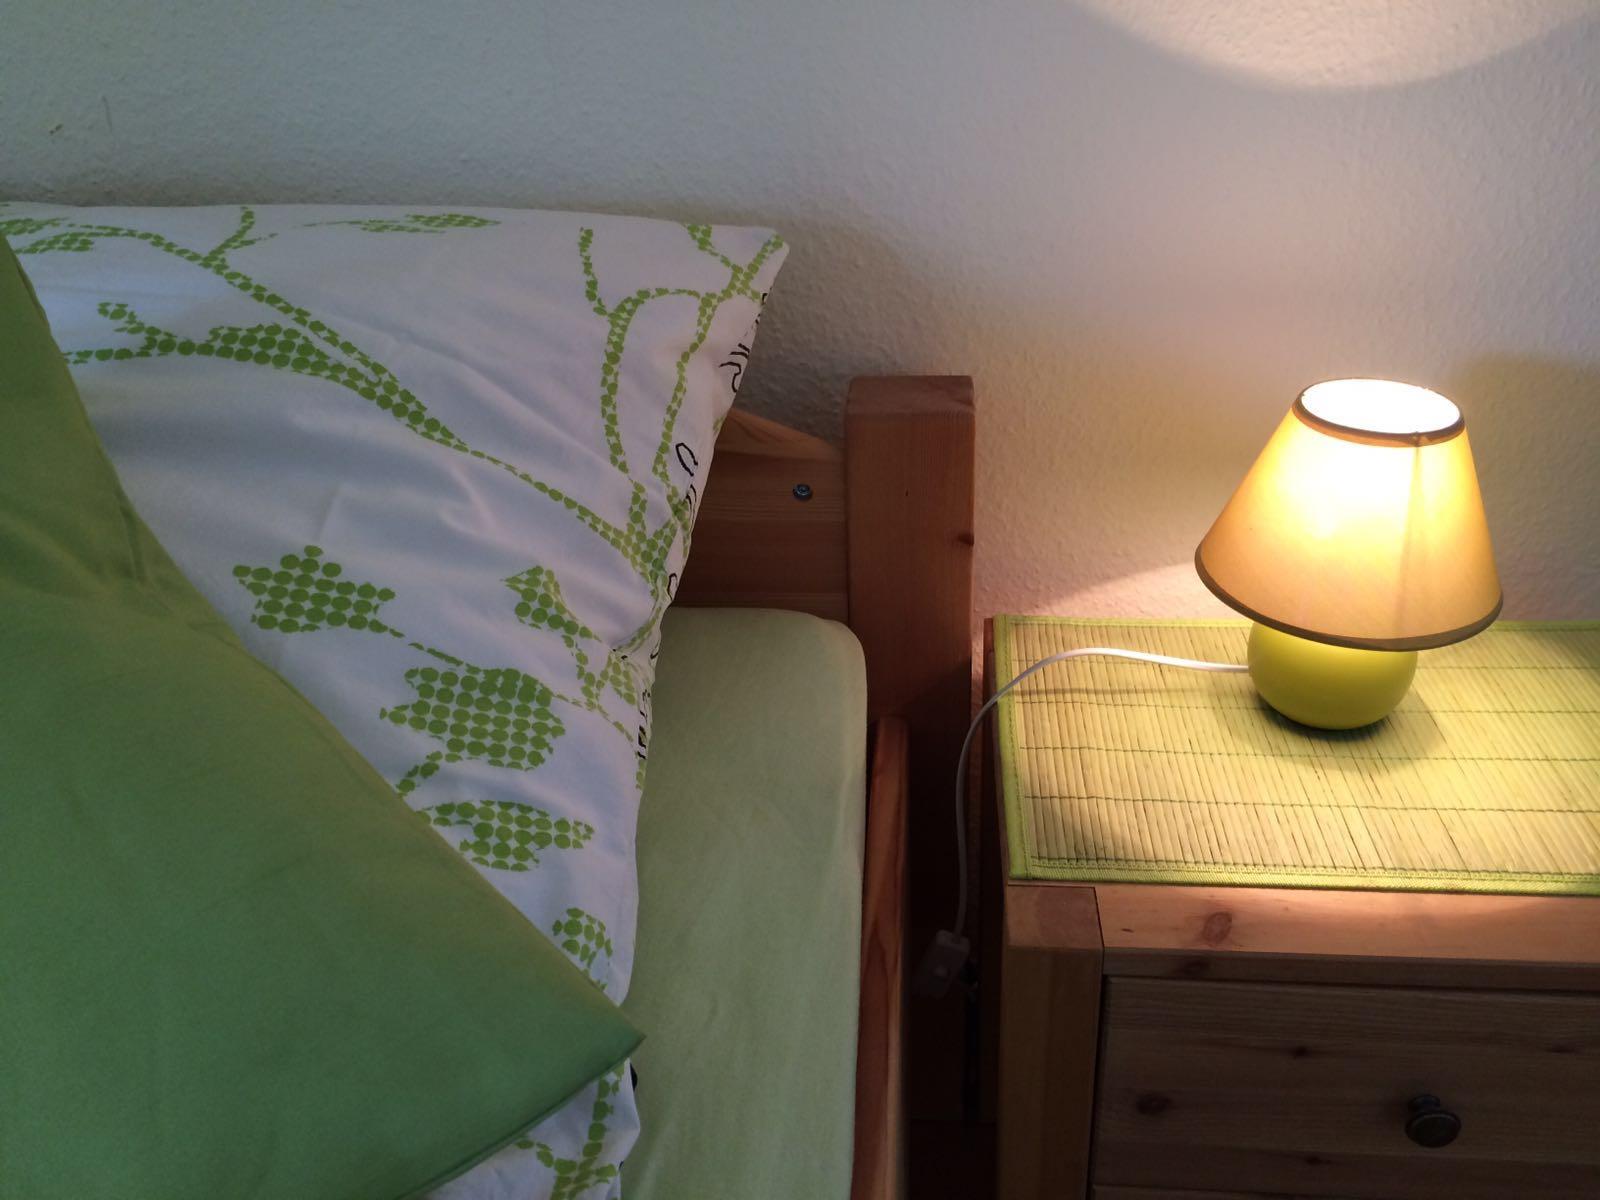 Haus Friesenglück in Kolkerheide, Nordfriesland – Ferienwohnungen und Ferienapartments – Ferienapartment 3 (grün) – Innenansicht 1